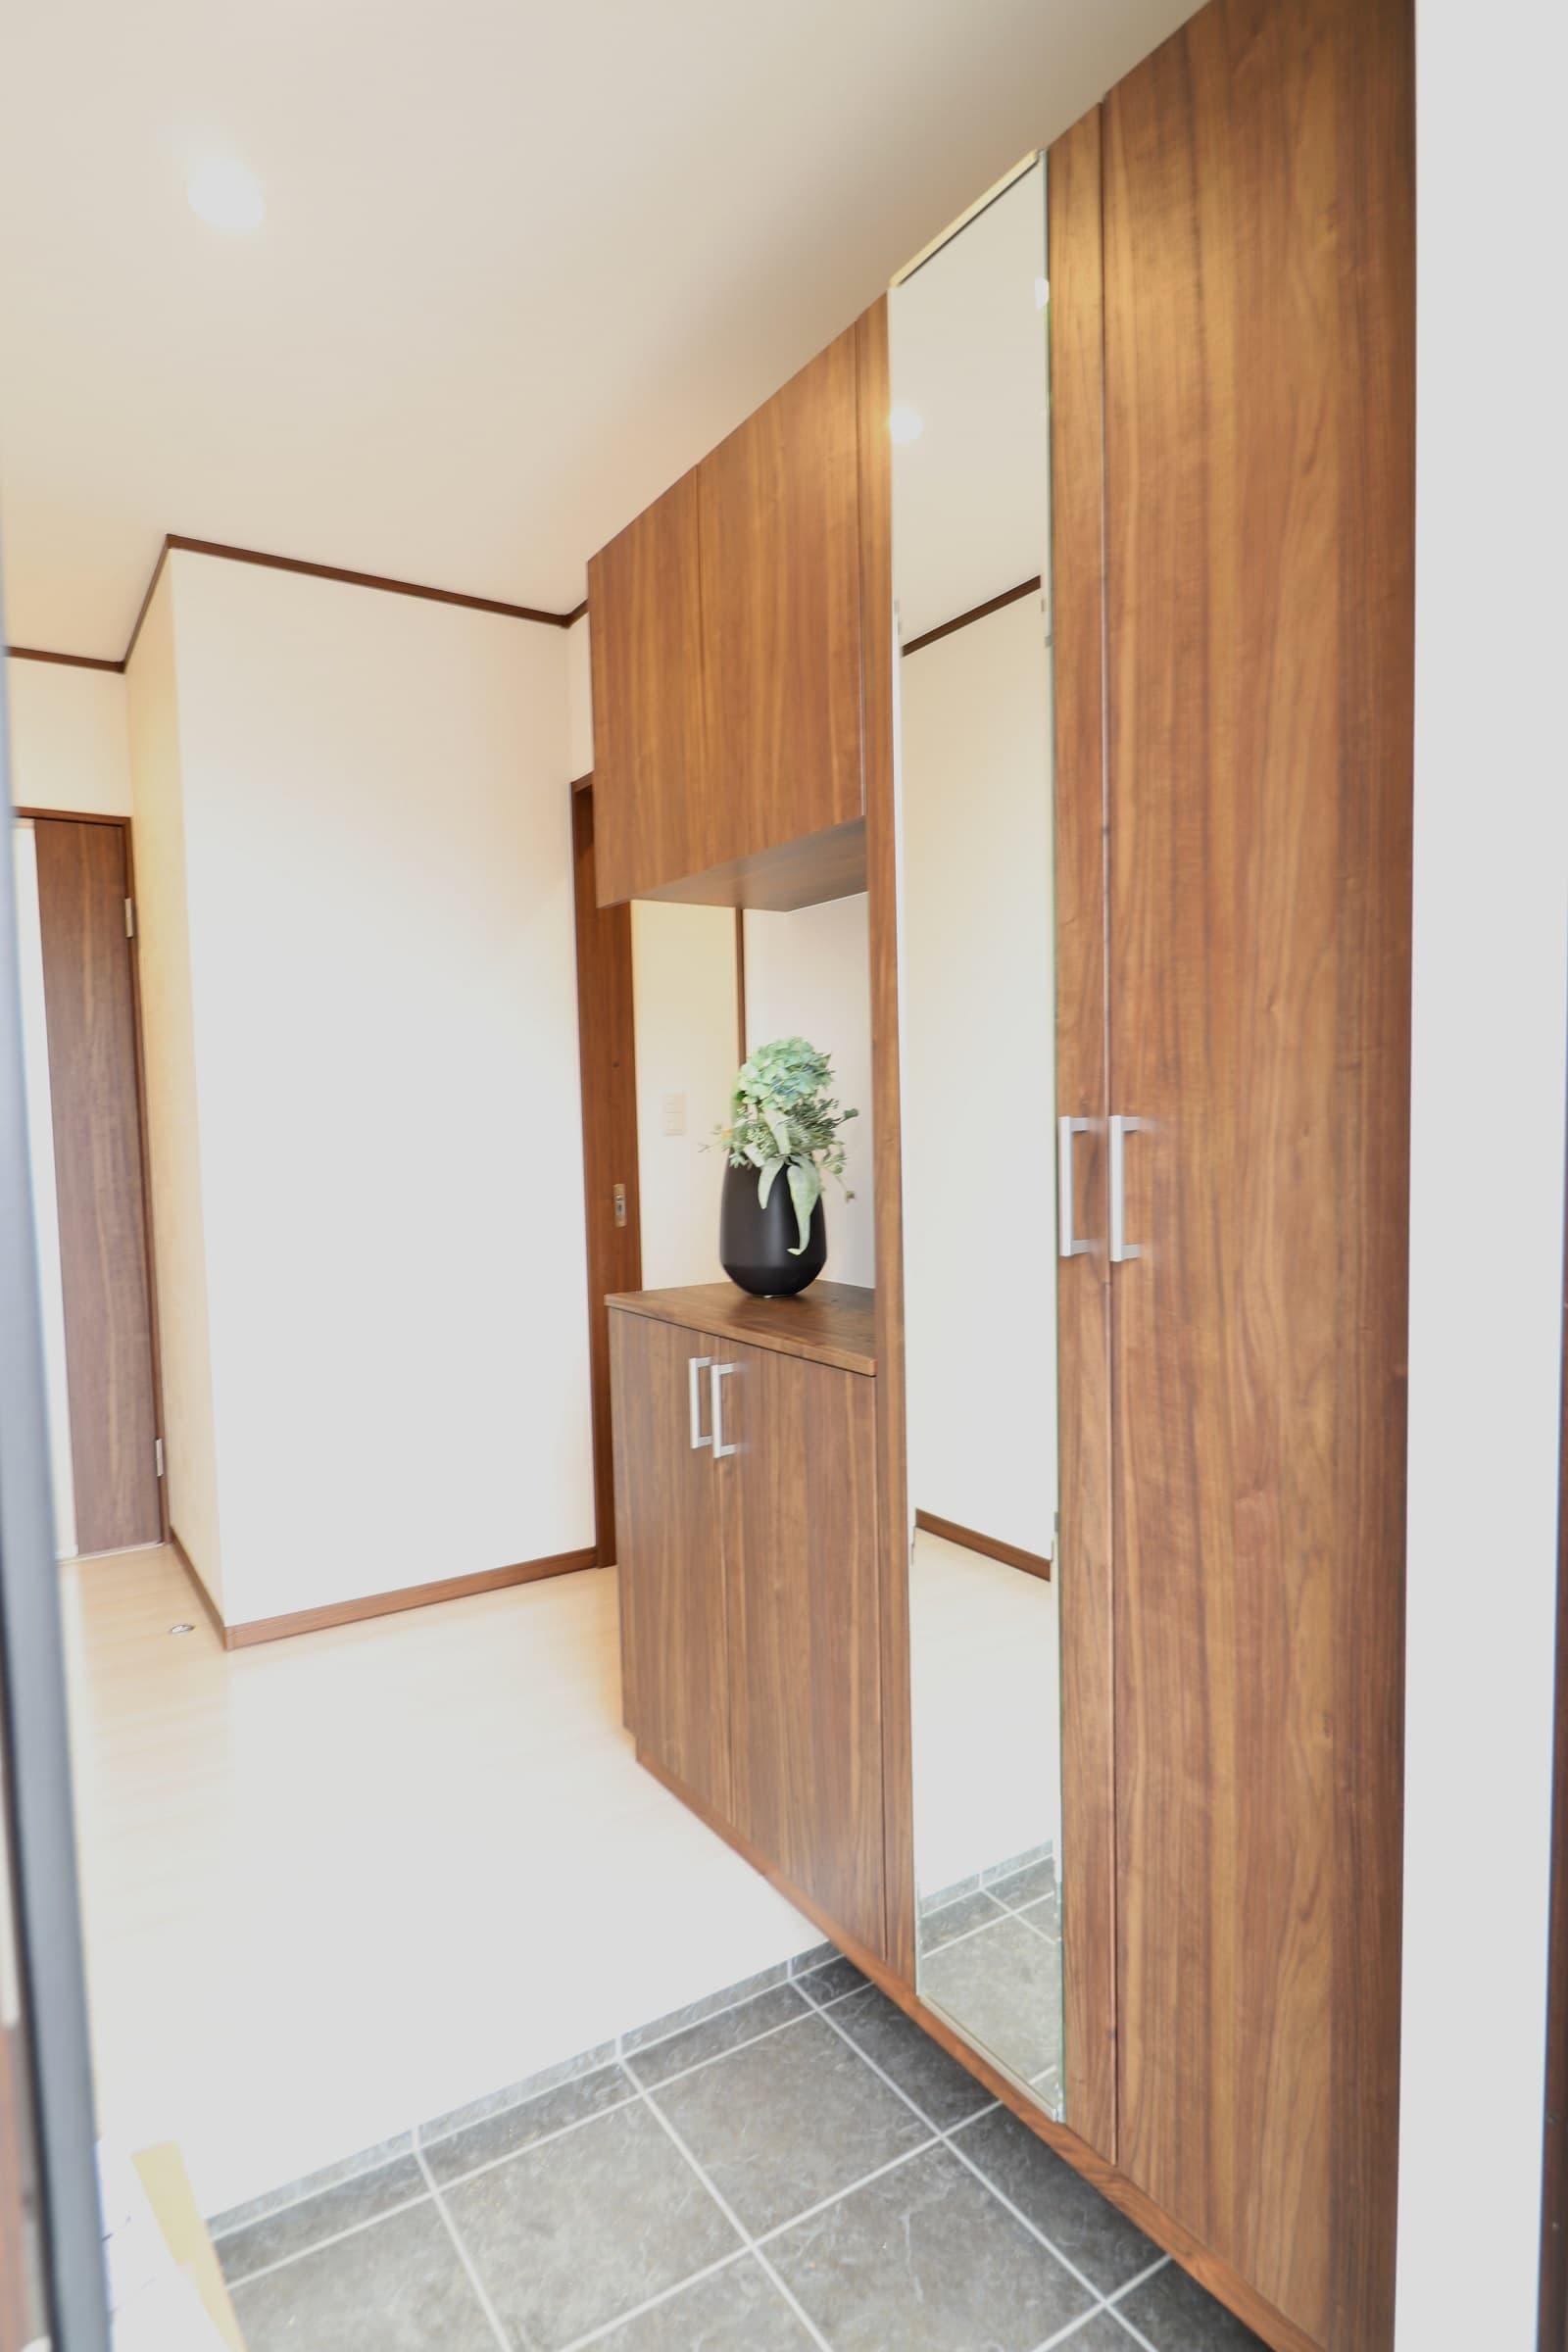 高松市六条の新築分譲住宅お客様を迎える玄関